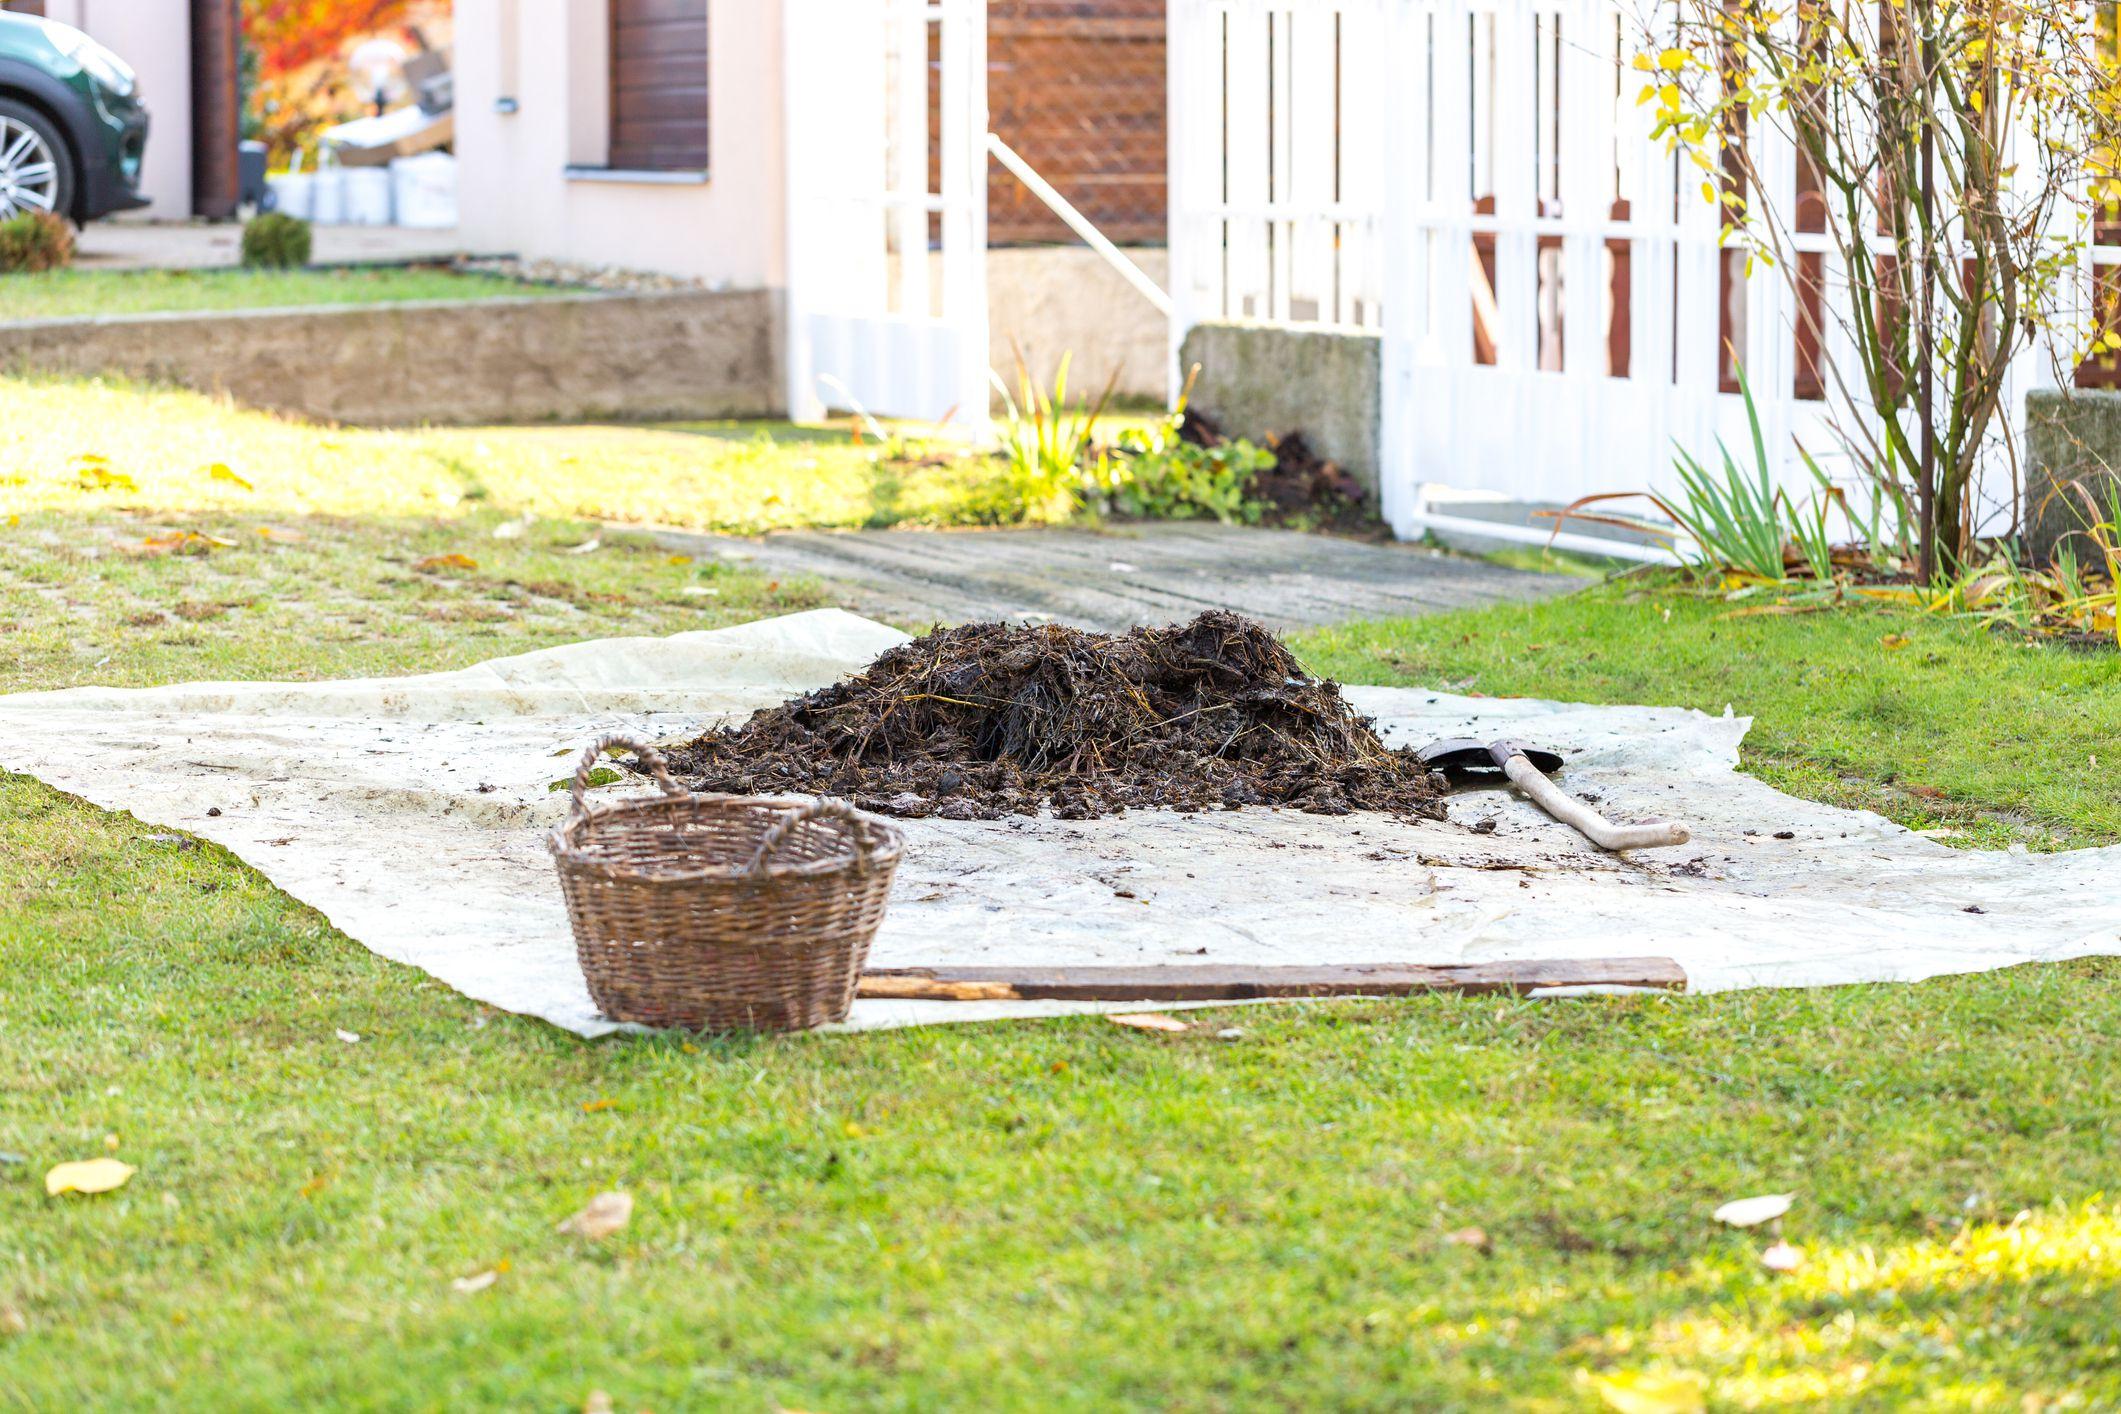 Organic fertilizers fertiliser homemade plants nutrient jpg 2121x1414 Organic fertilizers fertiliser homemade plants nutrient